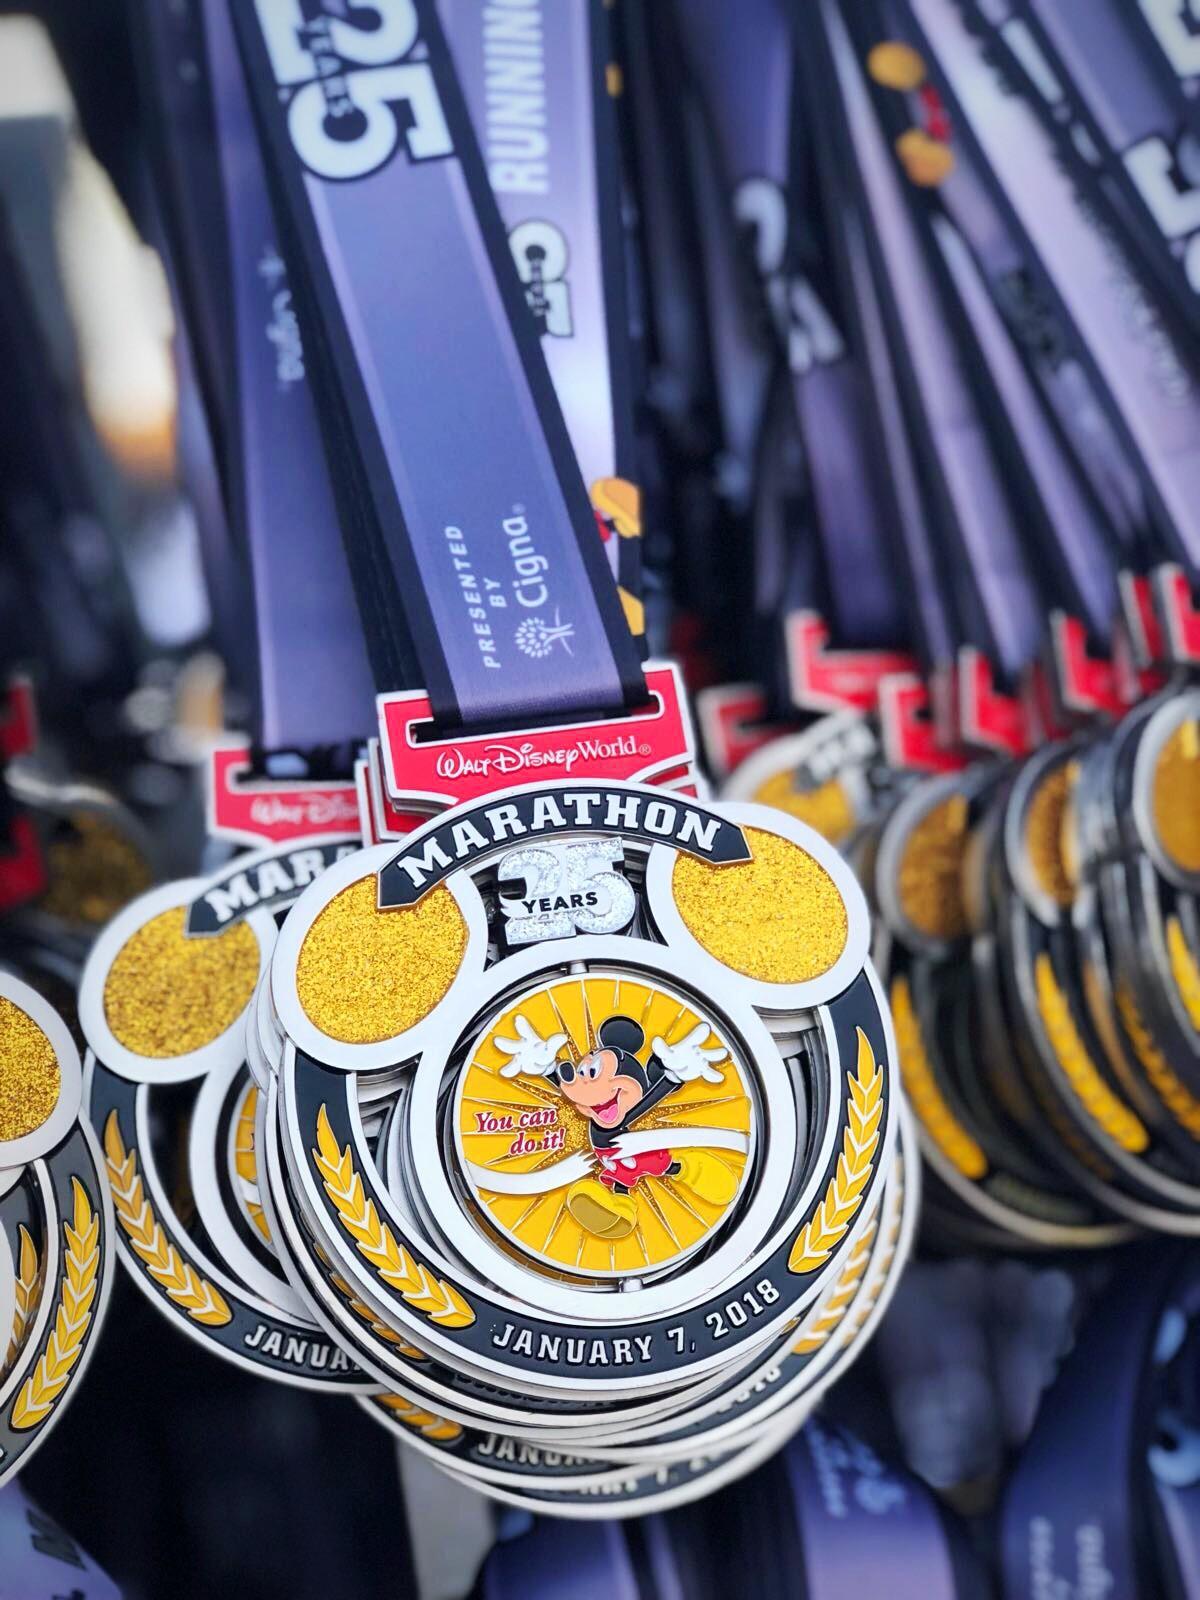 Medalha de 25 anos